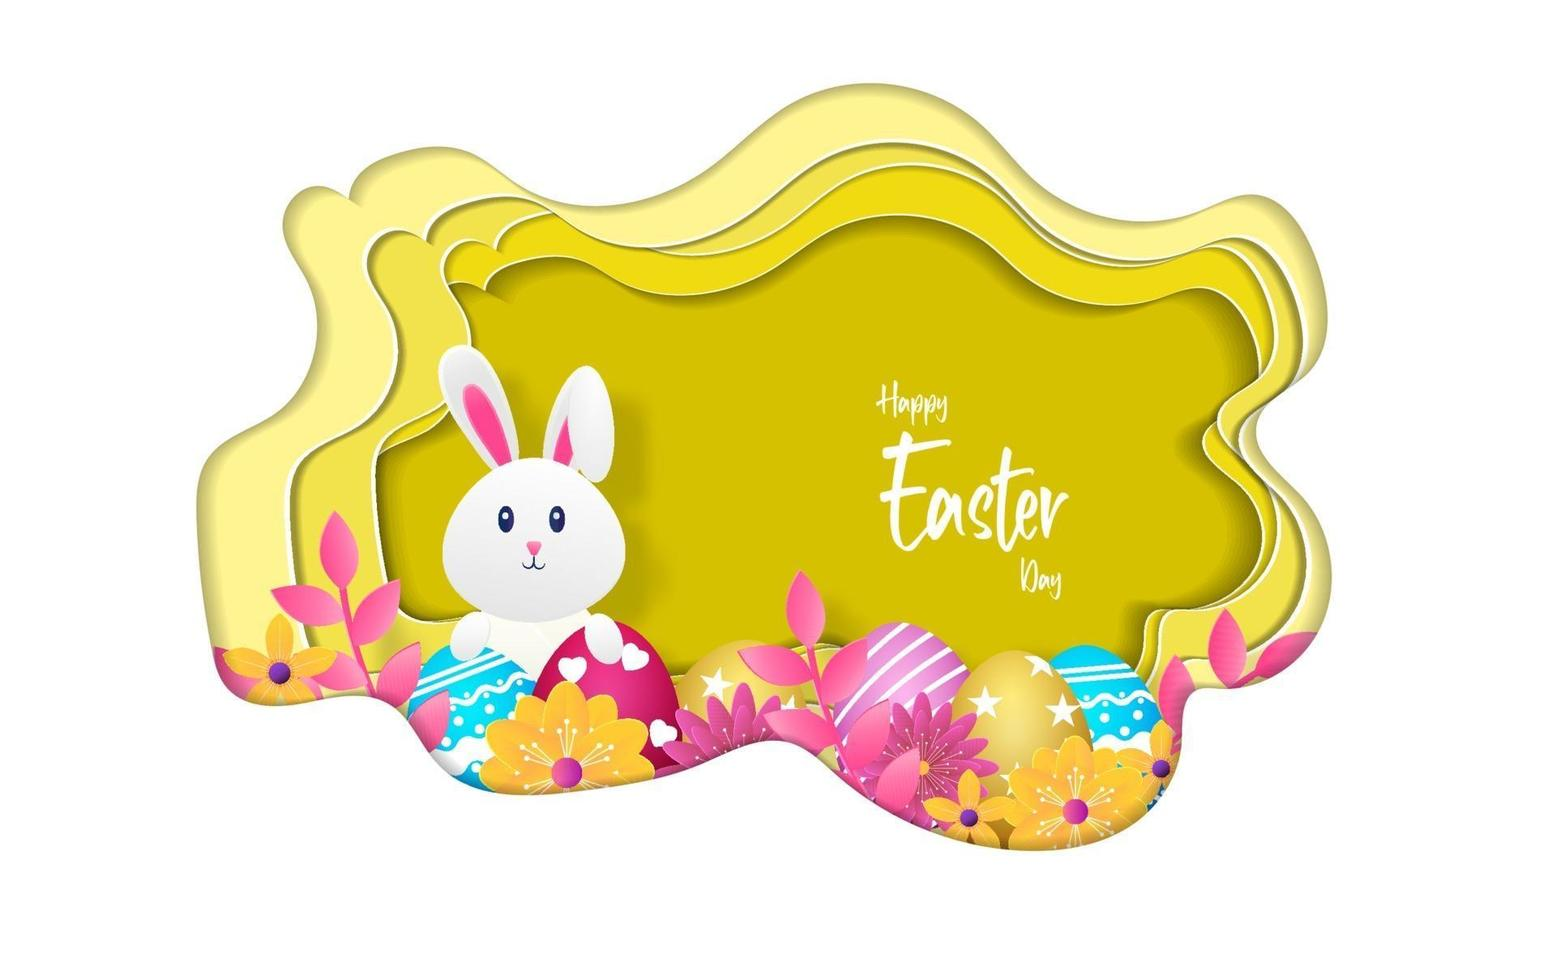 cartão de feliz Páscoa, ilustração vetorial com estilo de corte de papel. vetor